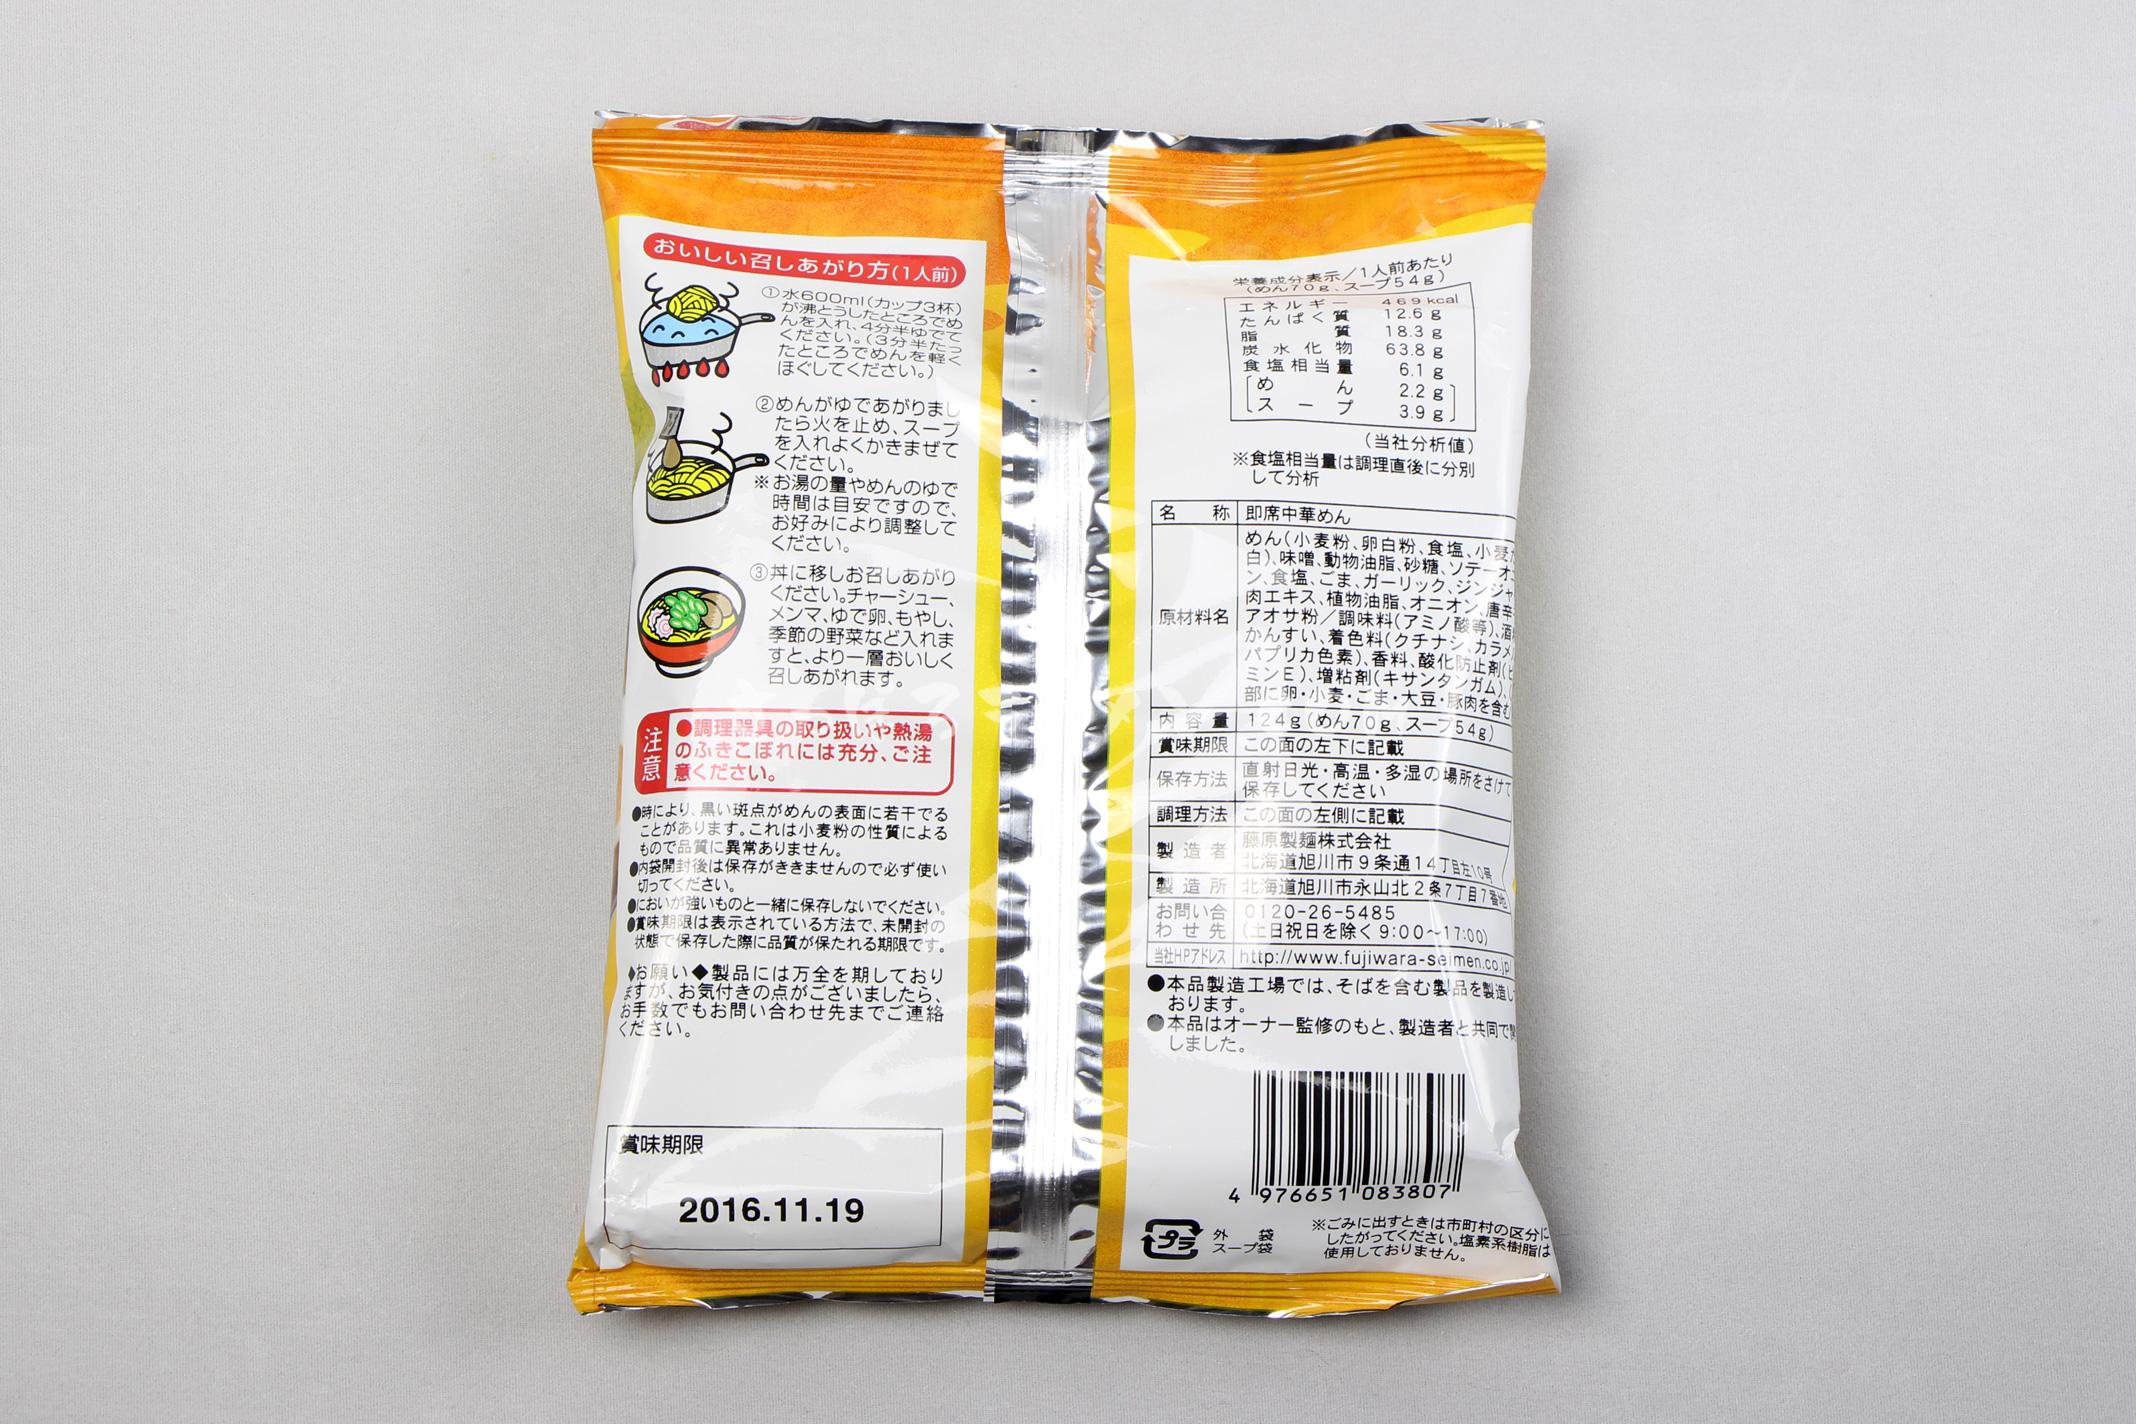 「函館らーめん屋 まつ笠 こってり味噌らーめん」(藤原製麺)のパッケージ(裏)